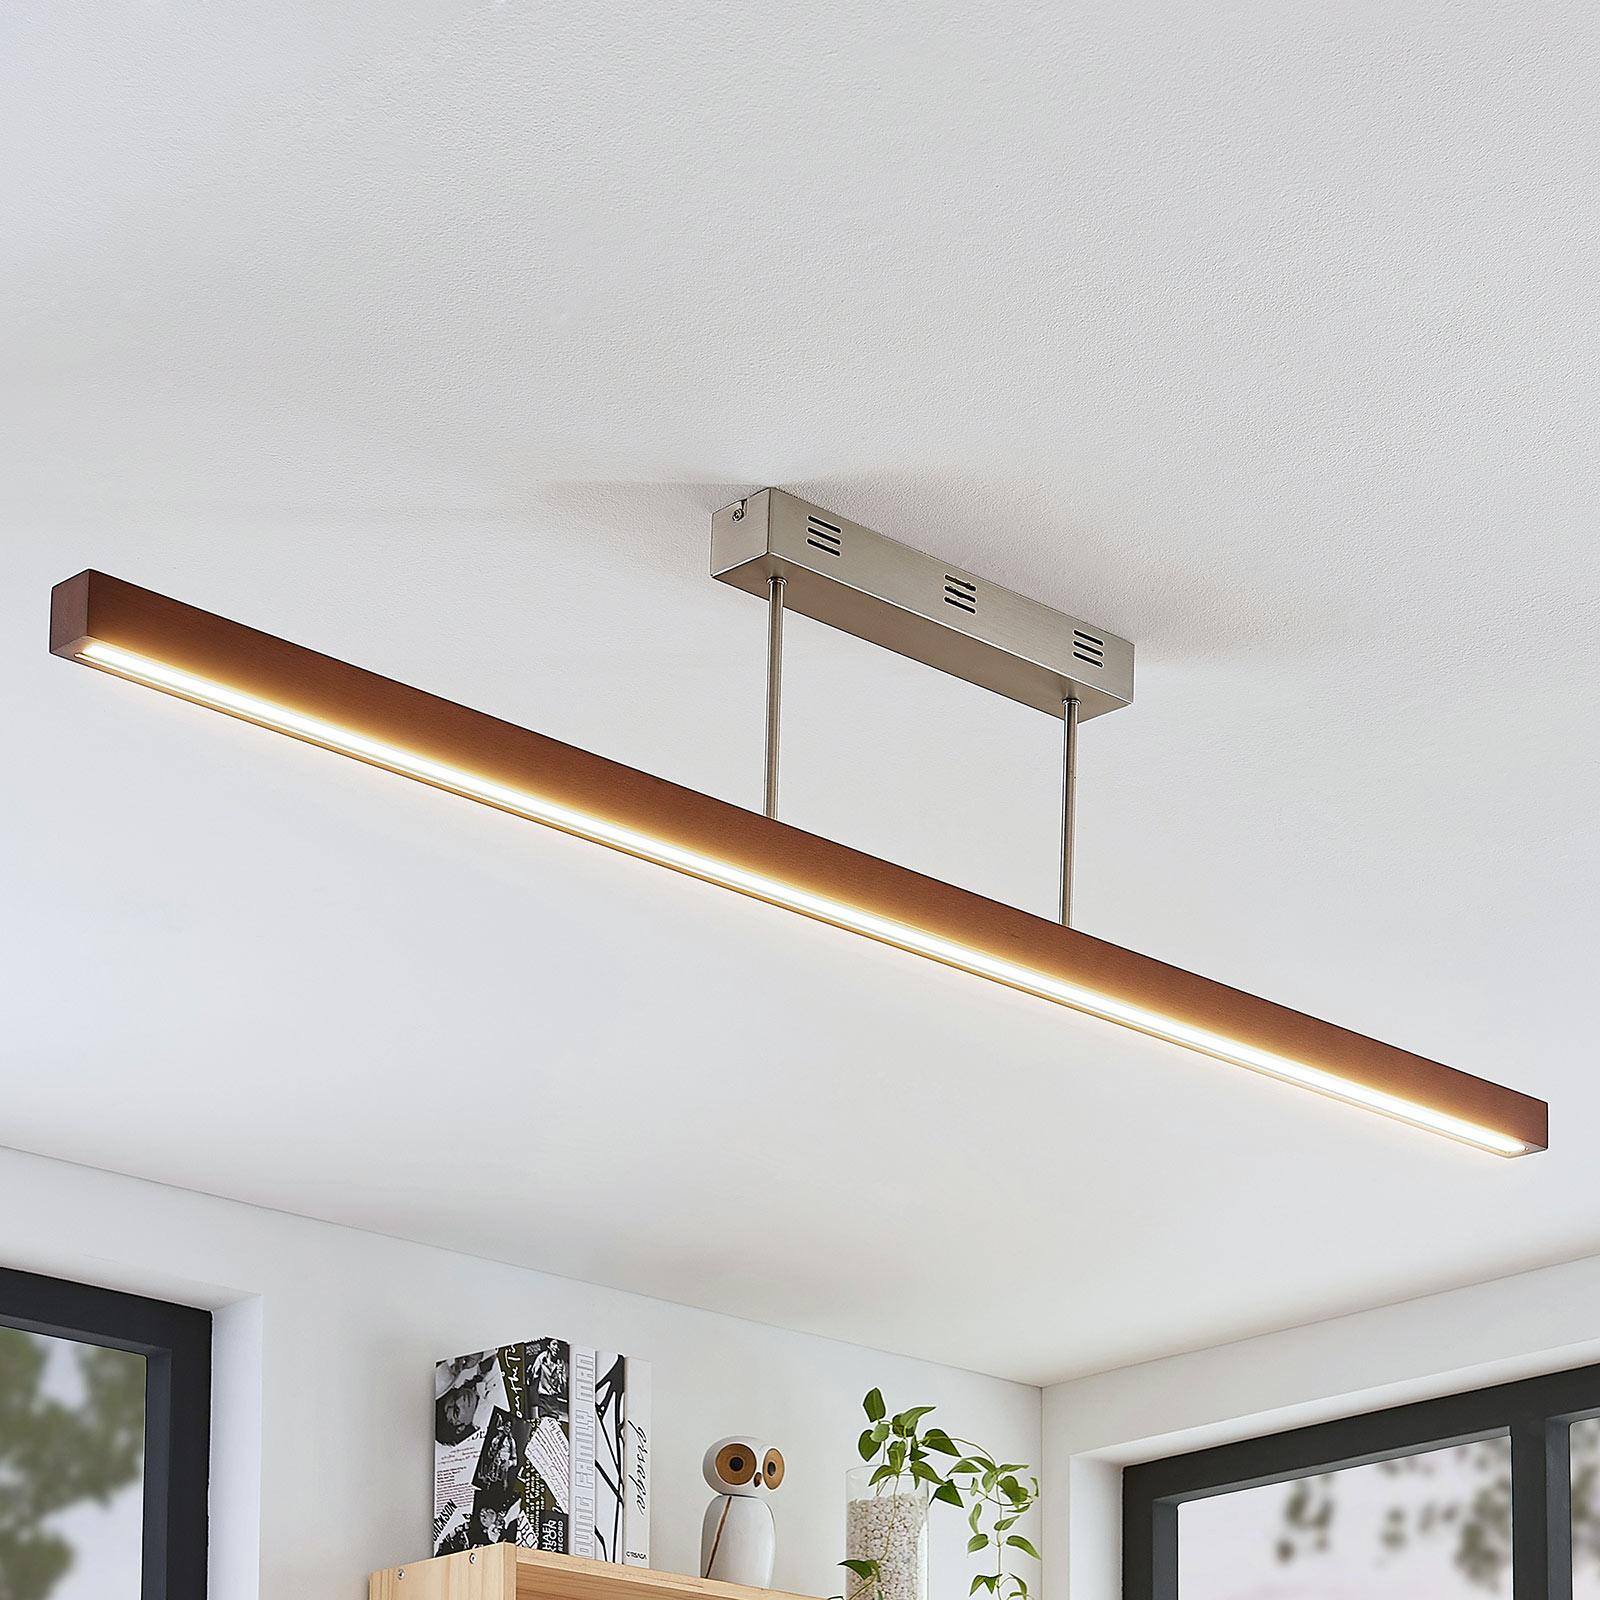 Drewniana lampa sufitowa LED Tamlin, brąz, 140 cm